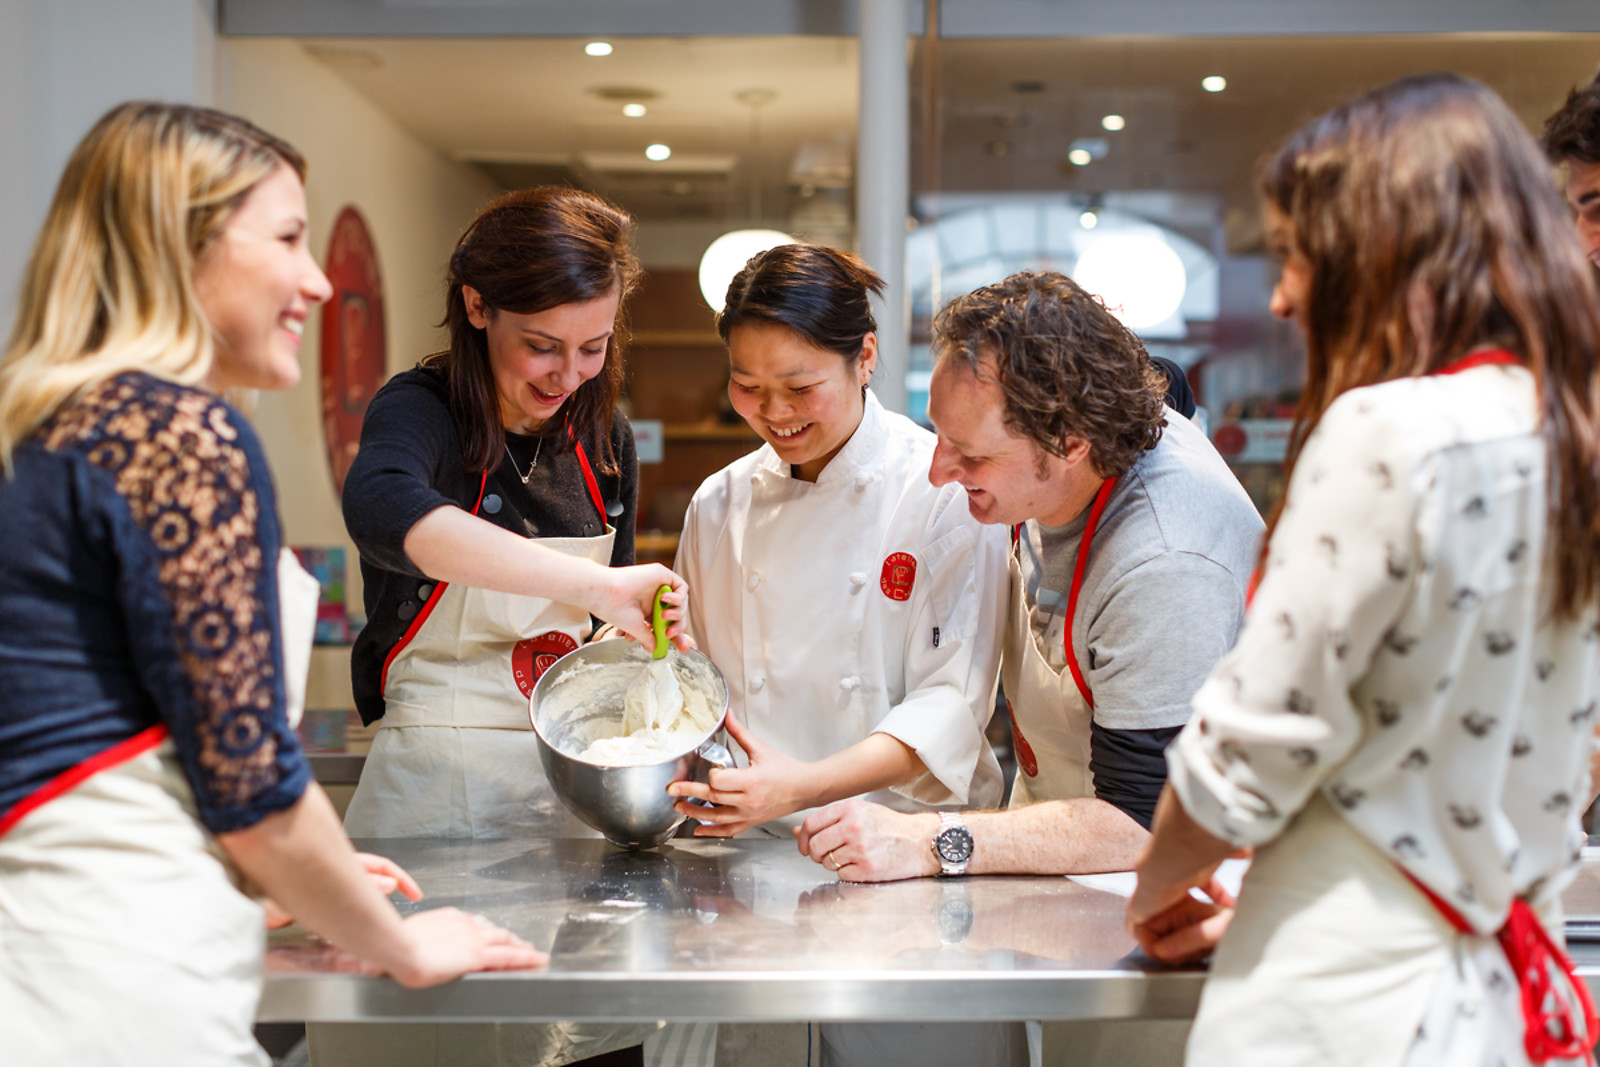 Un cours de cuisine l 39 atelier des chefs strasbourg 67 - Cours cuisine strasbourg ...